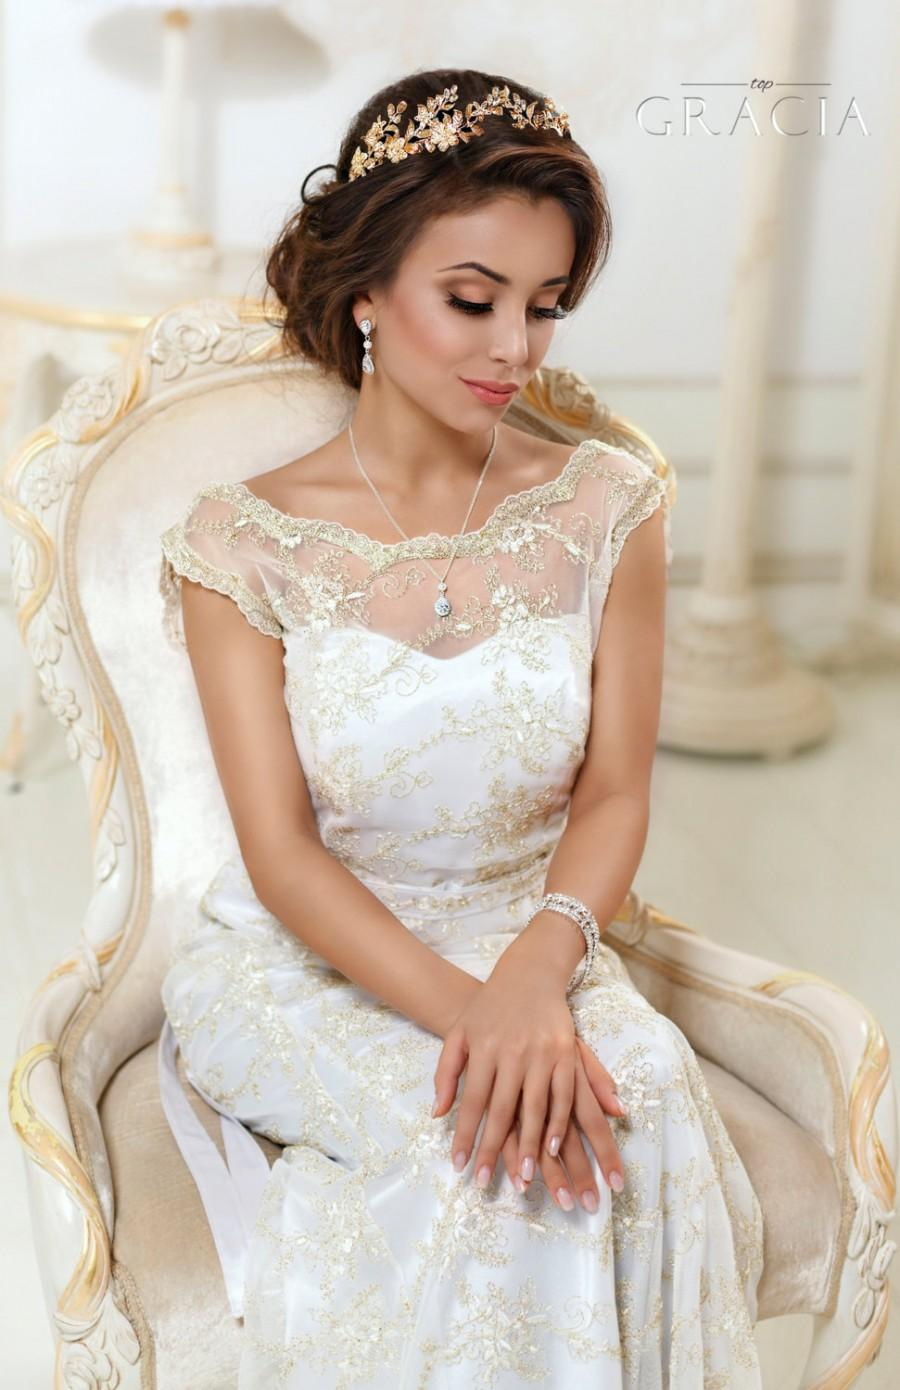 Mariage - Leaf Gold Bridal tiara Wedding crown Leaf headband Rhinestone Gold bridal headpiece Gold hair accessories Silver Wedding tiara headpiece